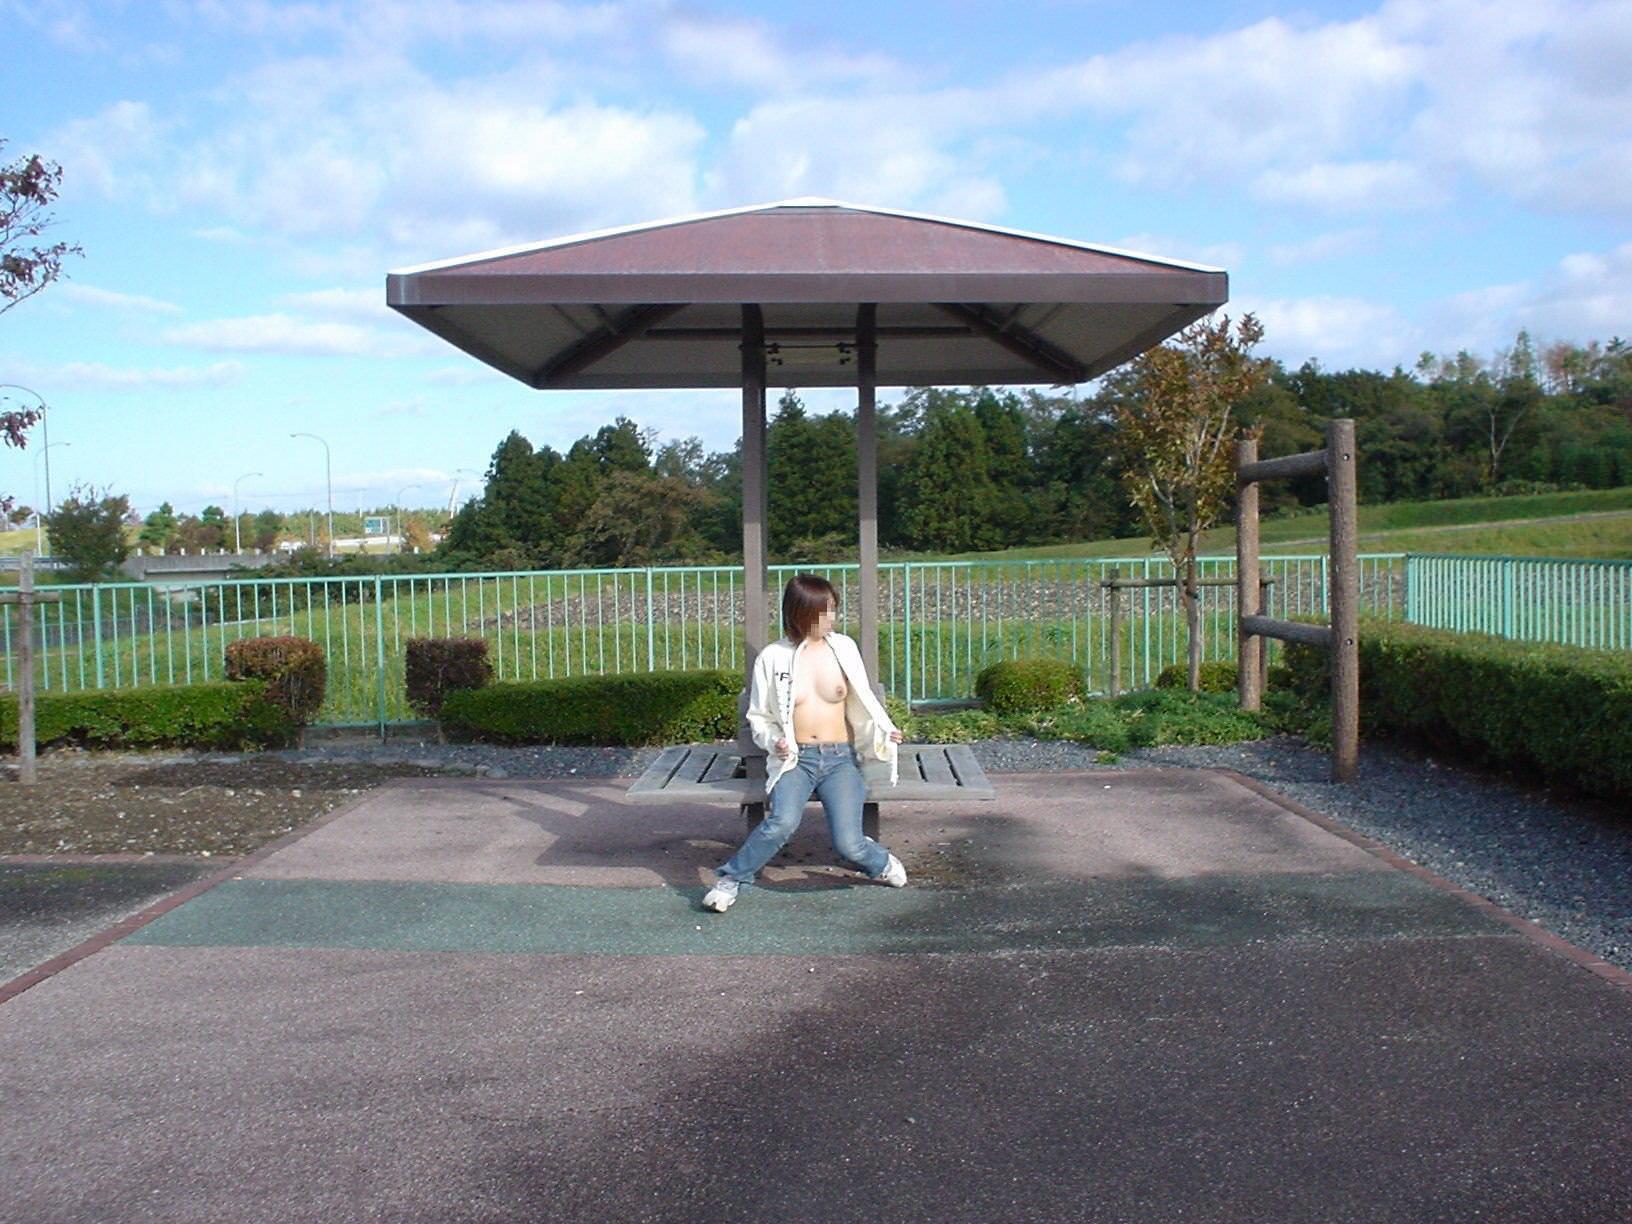 変態女性が公園のベンチでオッパイ露出!